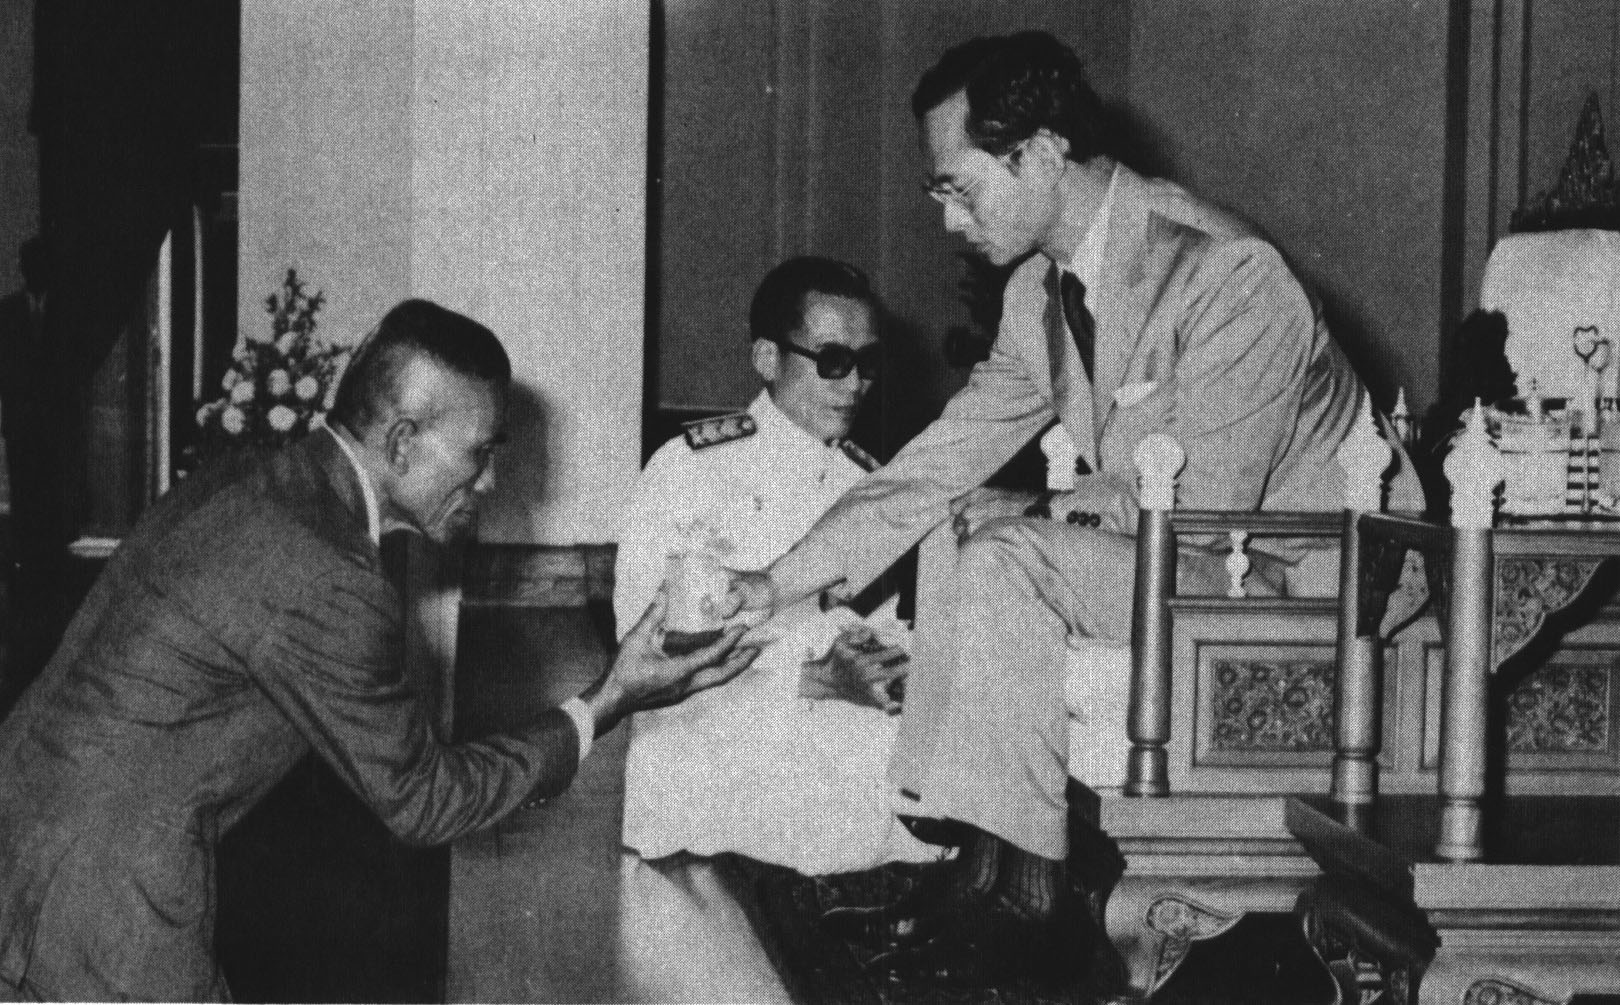 พระมหากษัตริย์ไทย พระราชกรณียกิจ วันนี้ในอดีต ในหลวงรัชกาลที่ 9